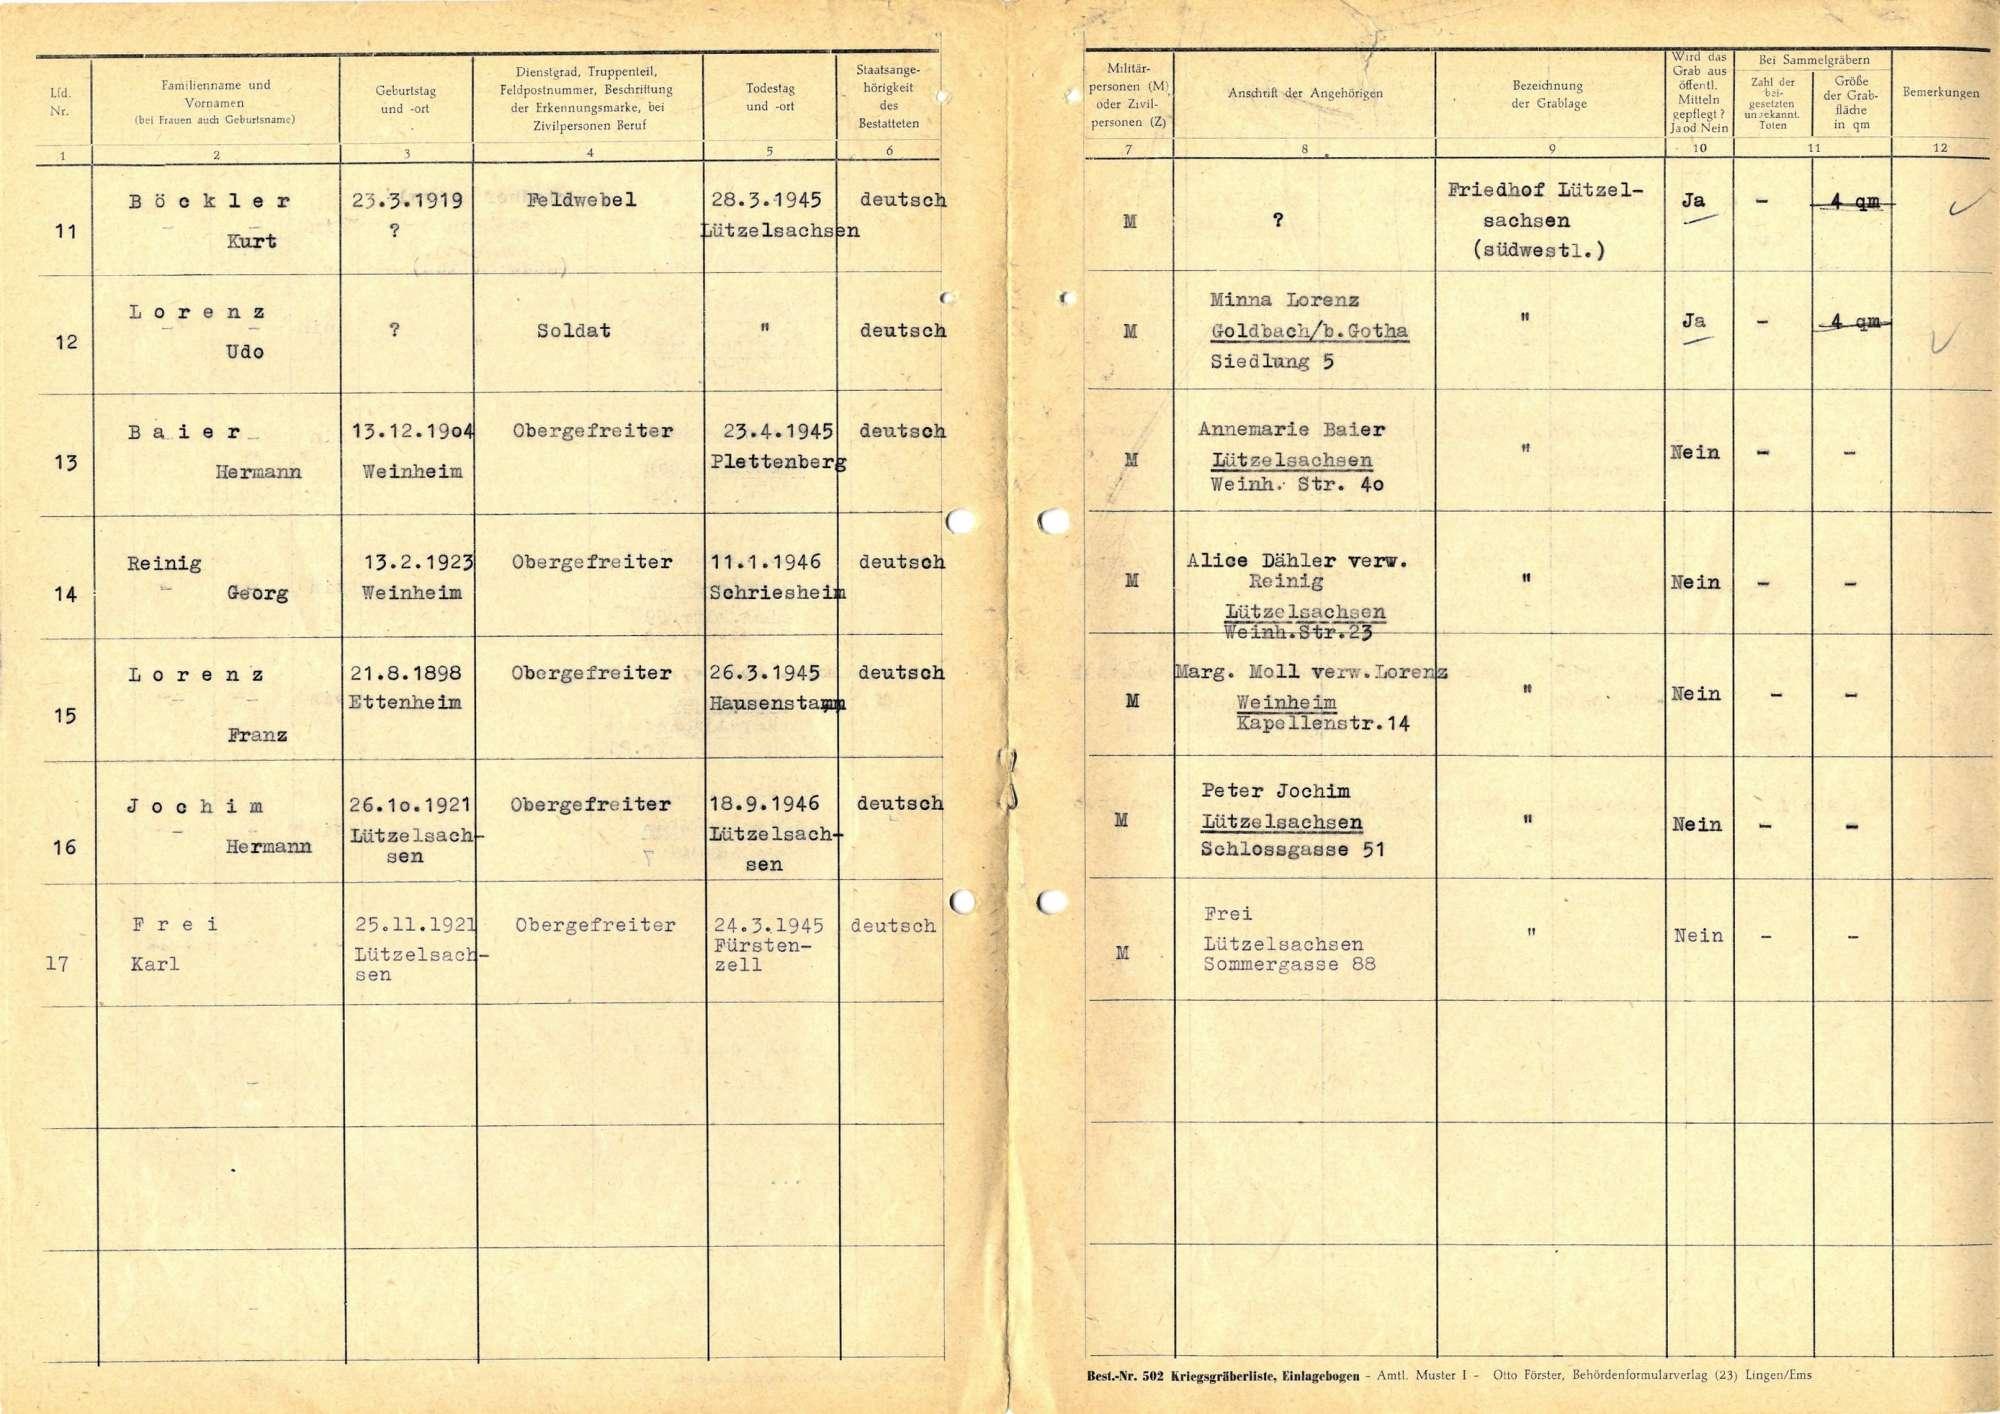 Lützelsachsen, Bild 3